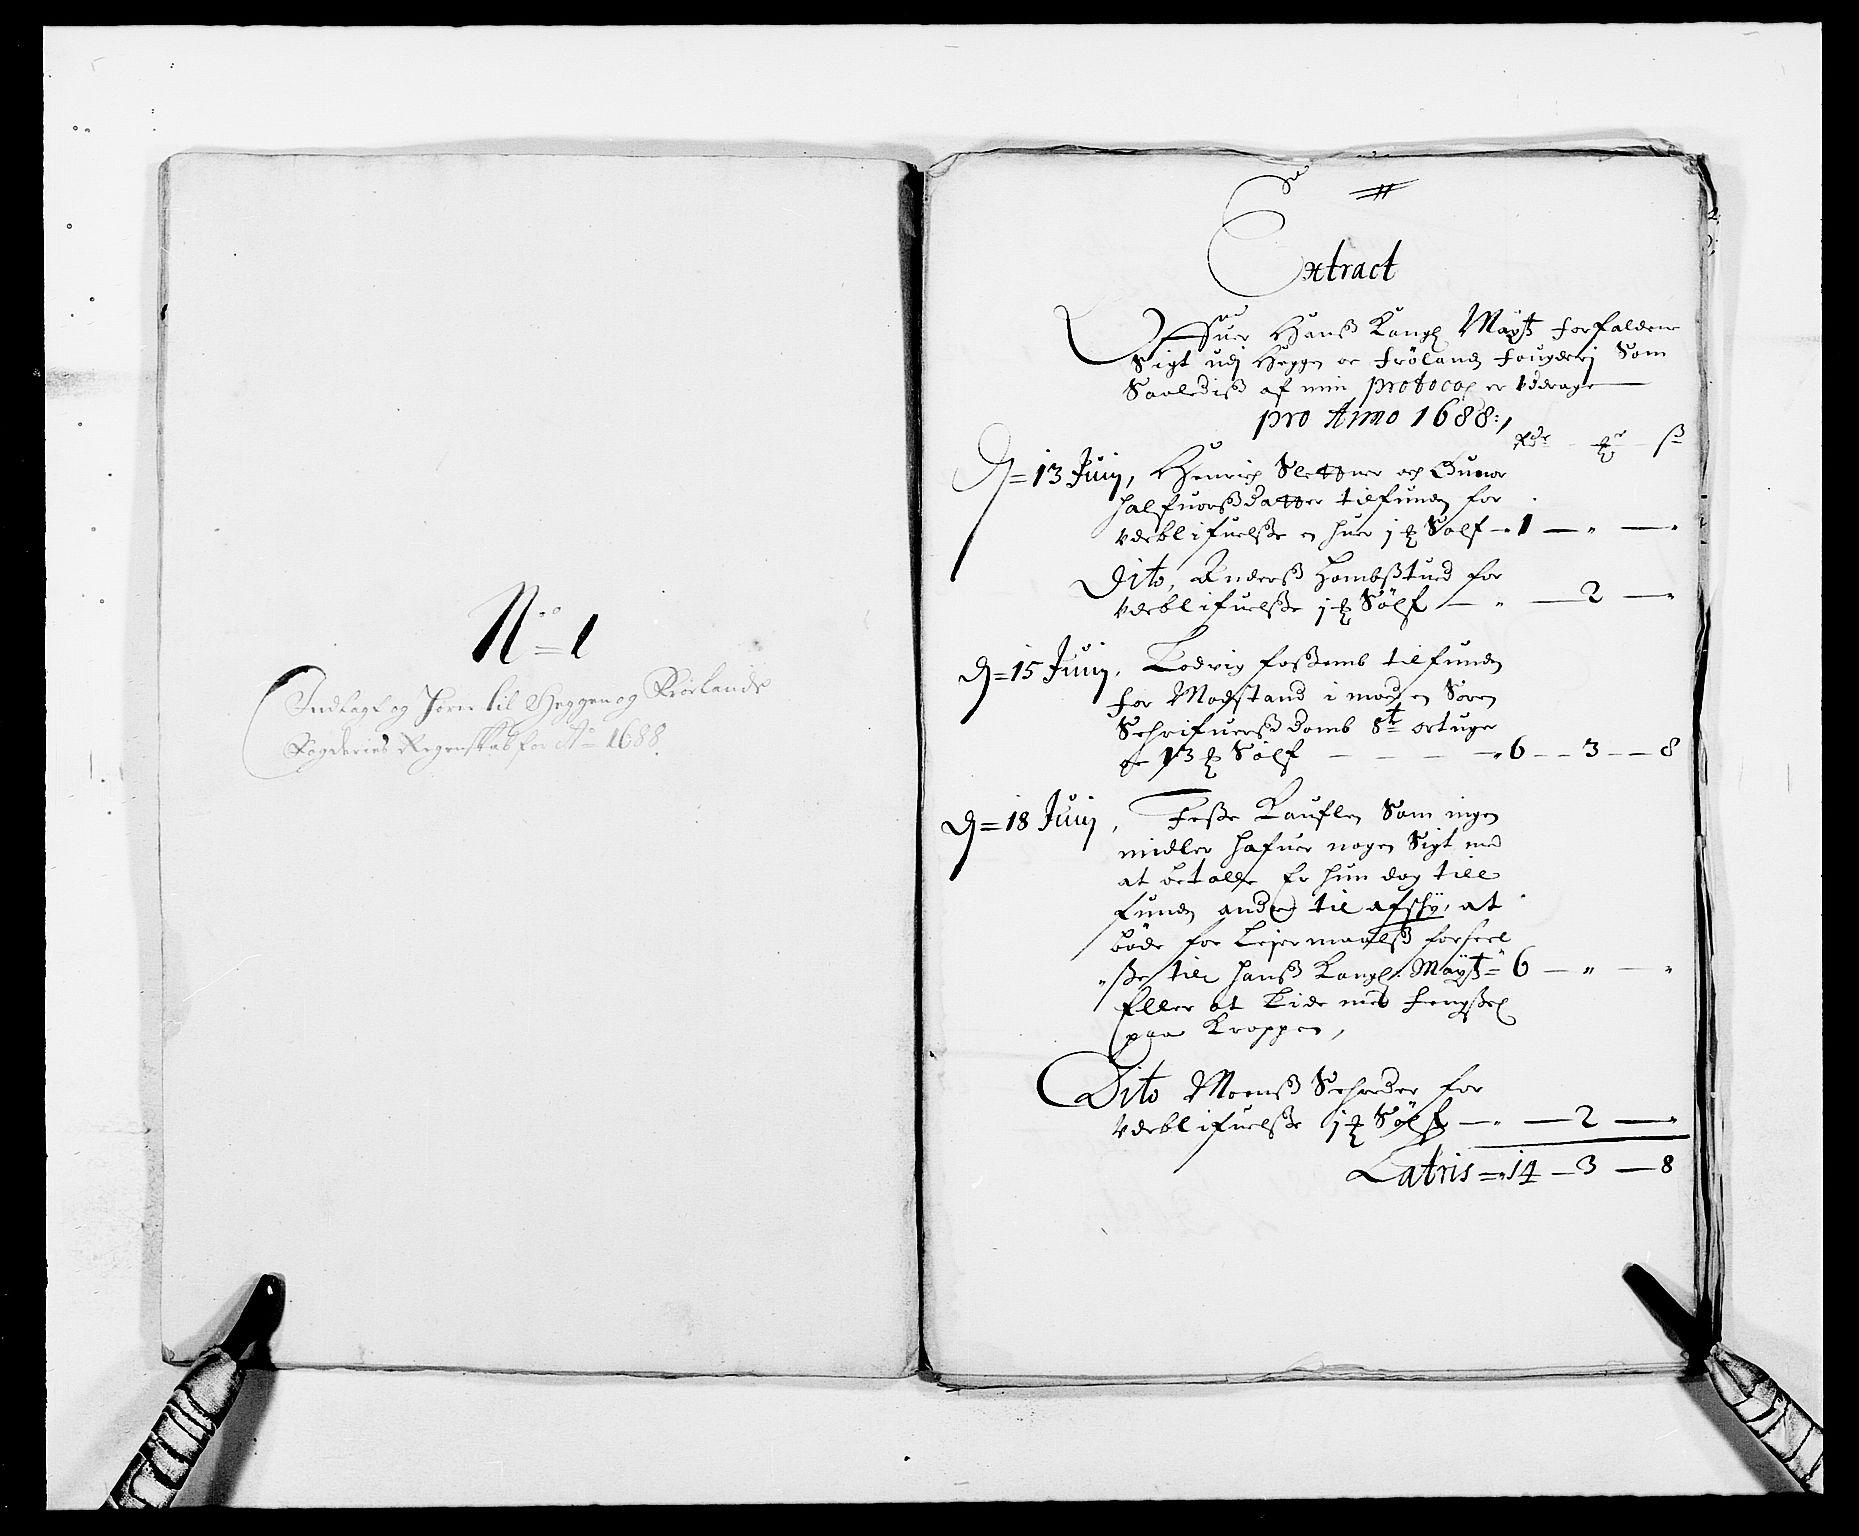 RA, Rentekammeret inntil 1814, Reviderte regnskaper, Fogderegnskap, R06/L0282: Fogderegnskap Heggen og Frøland, 1687-1690, s. 84